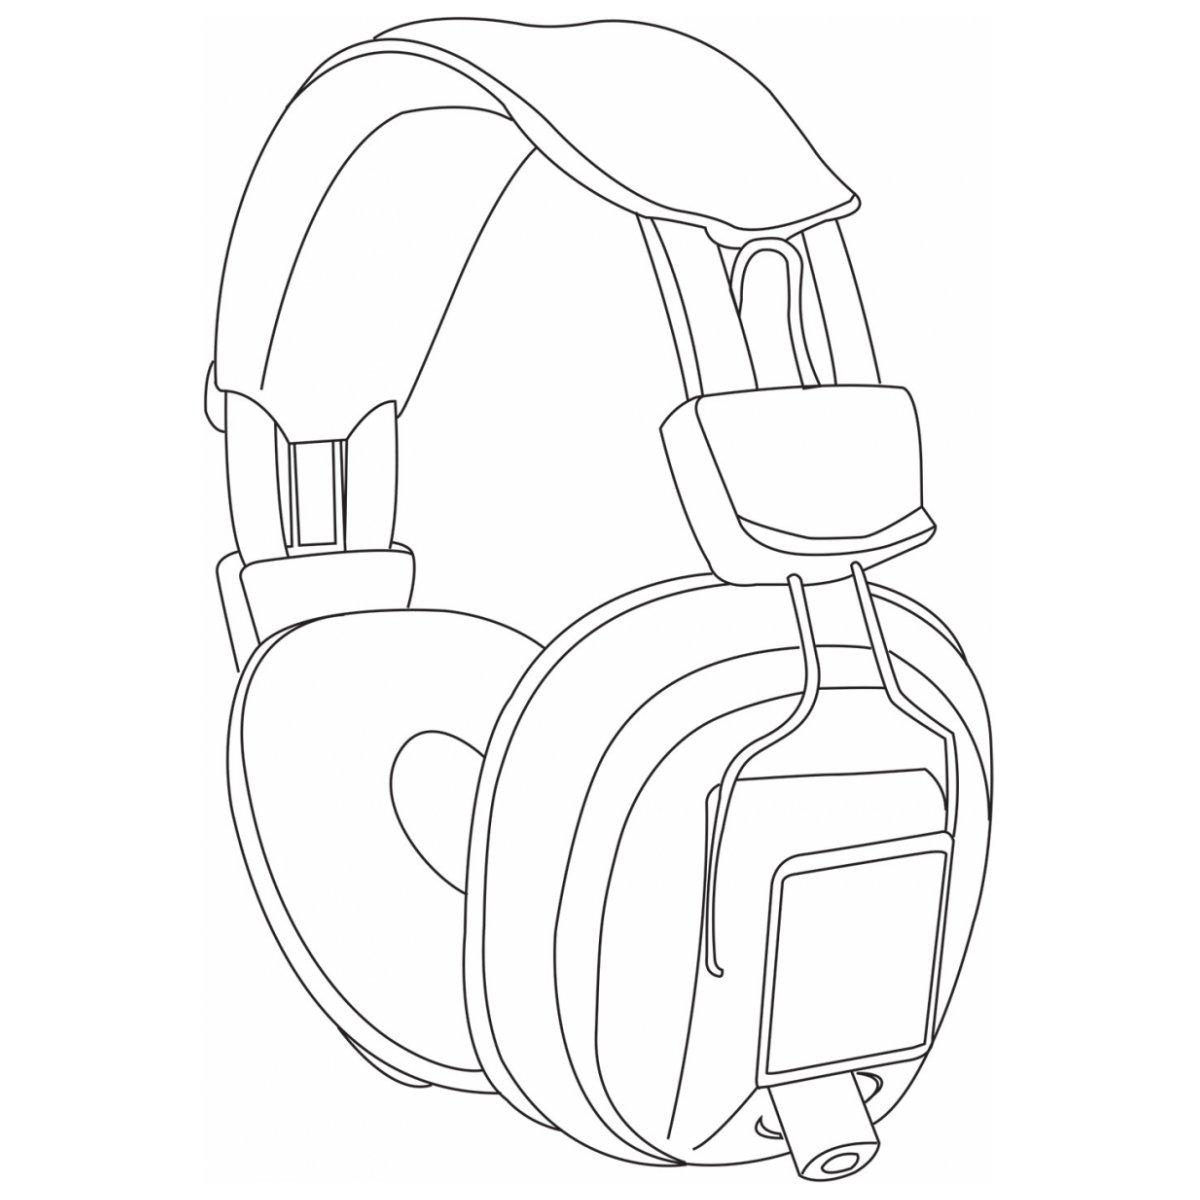 Avlink Msh40 S Uchawki Nag Owne Mono Stereo Headphones